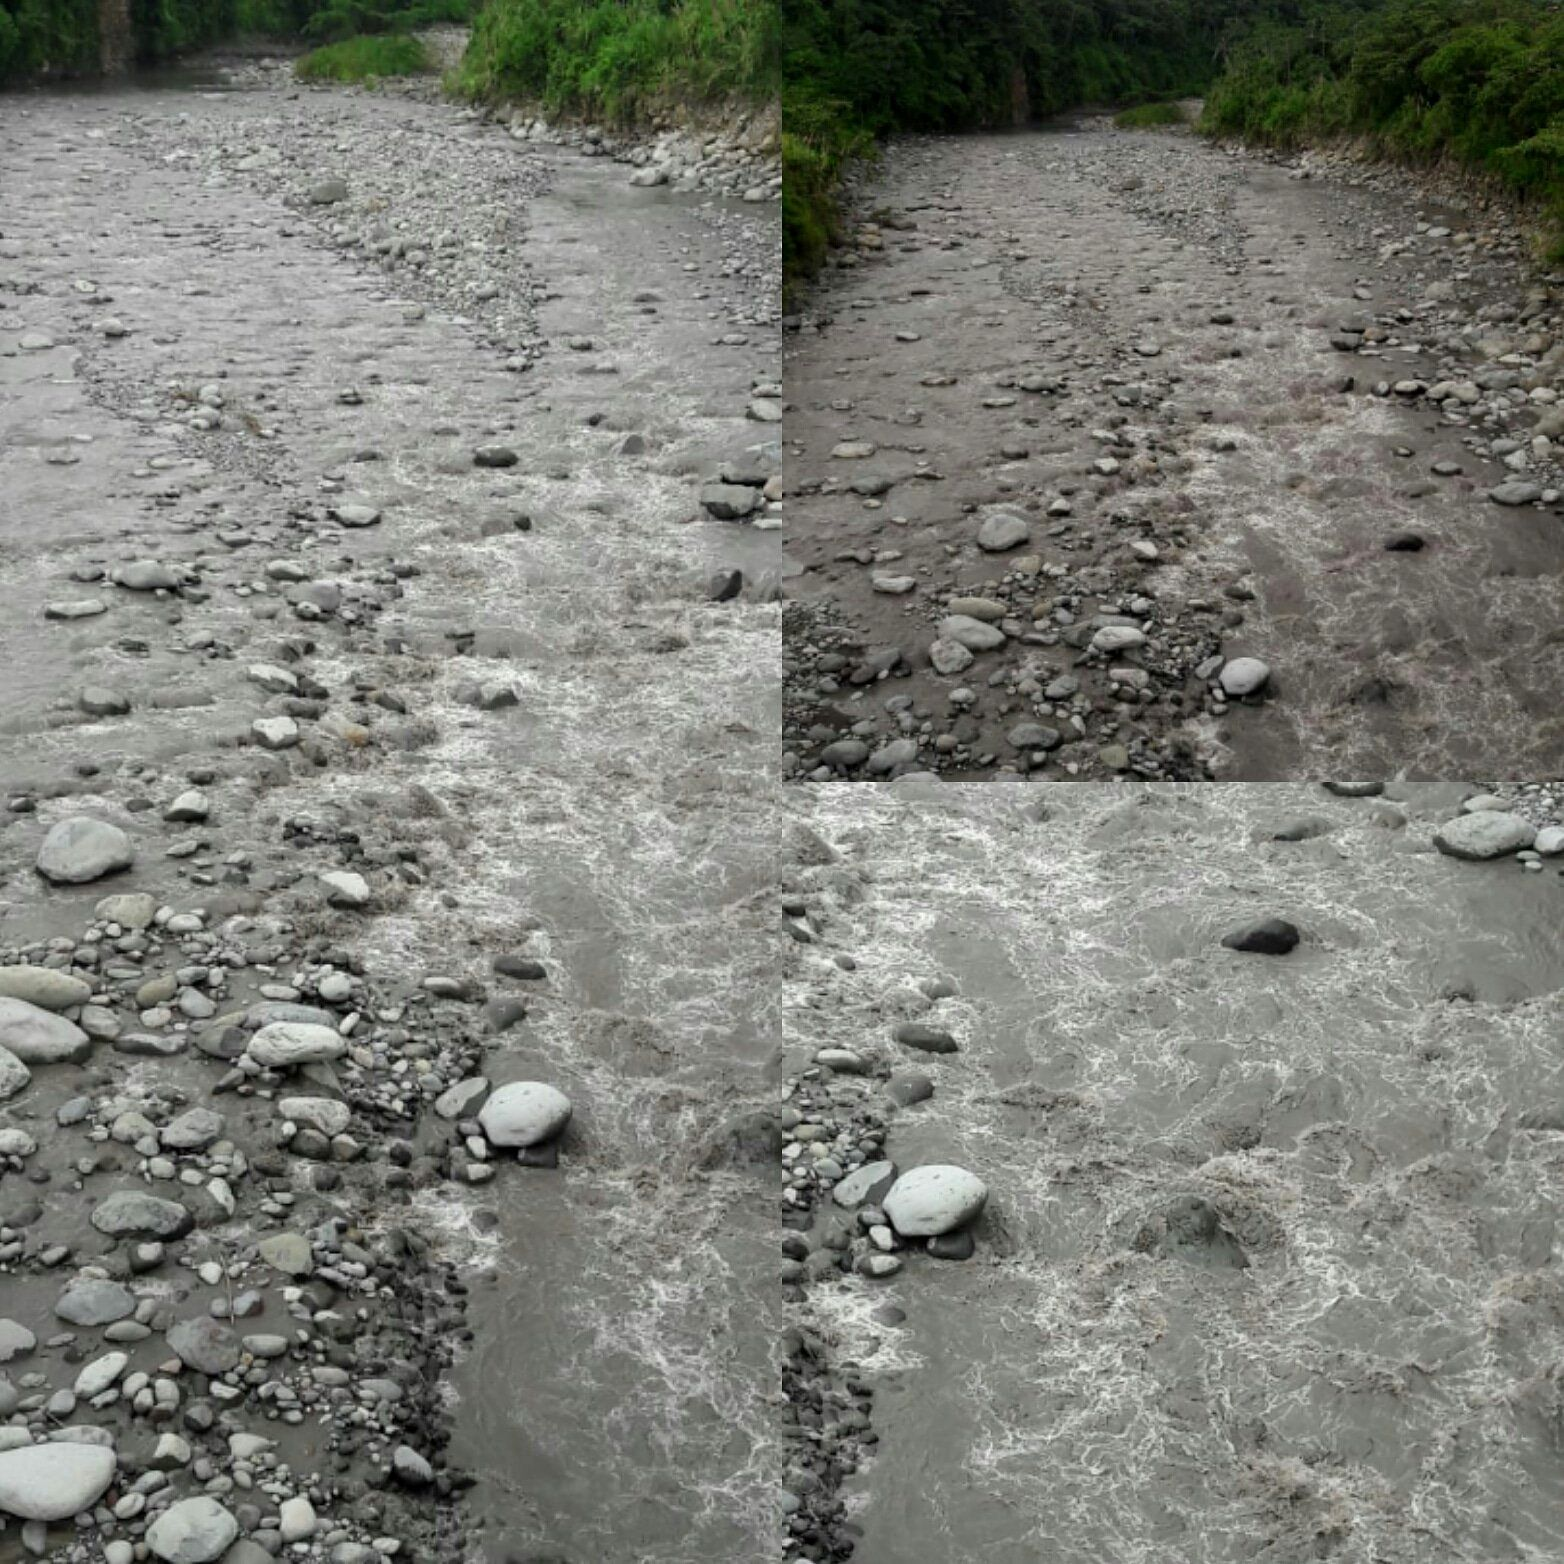 Rio Toro Amarillo / Turrialba - Un changement de coloration, et le dégagement d'une forte odeur de soufre sont rapportés le 01.08.2018 - photo VSF